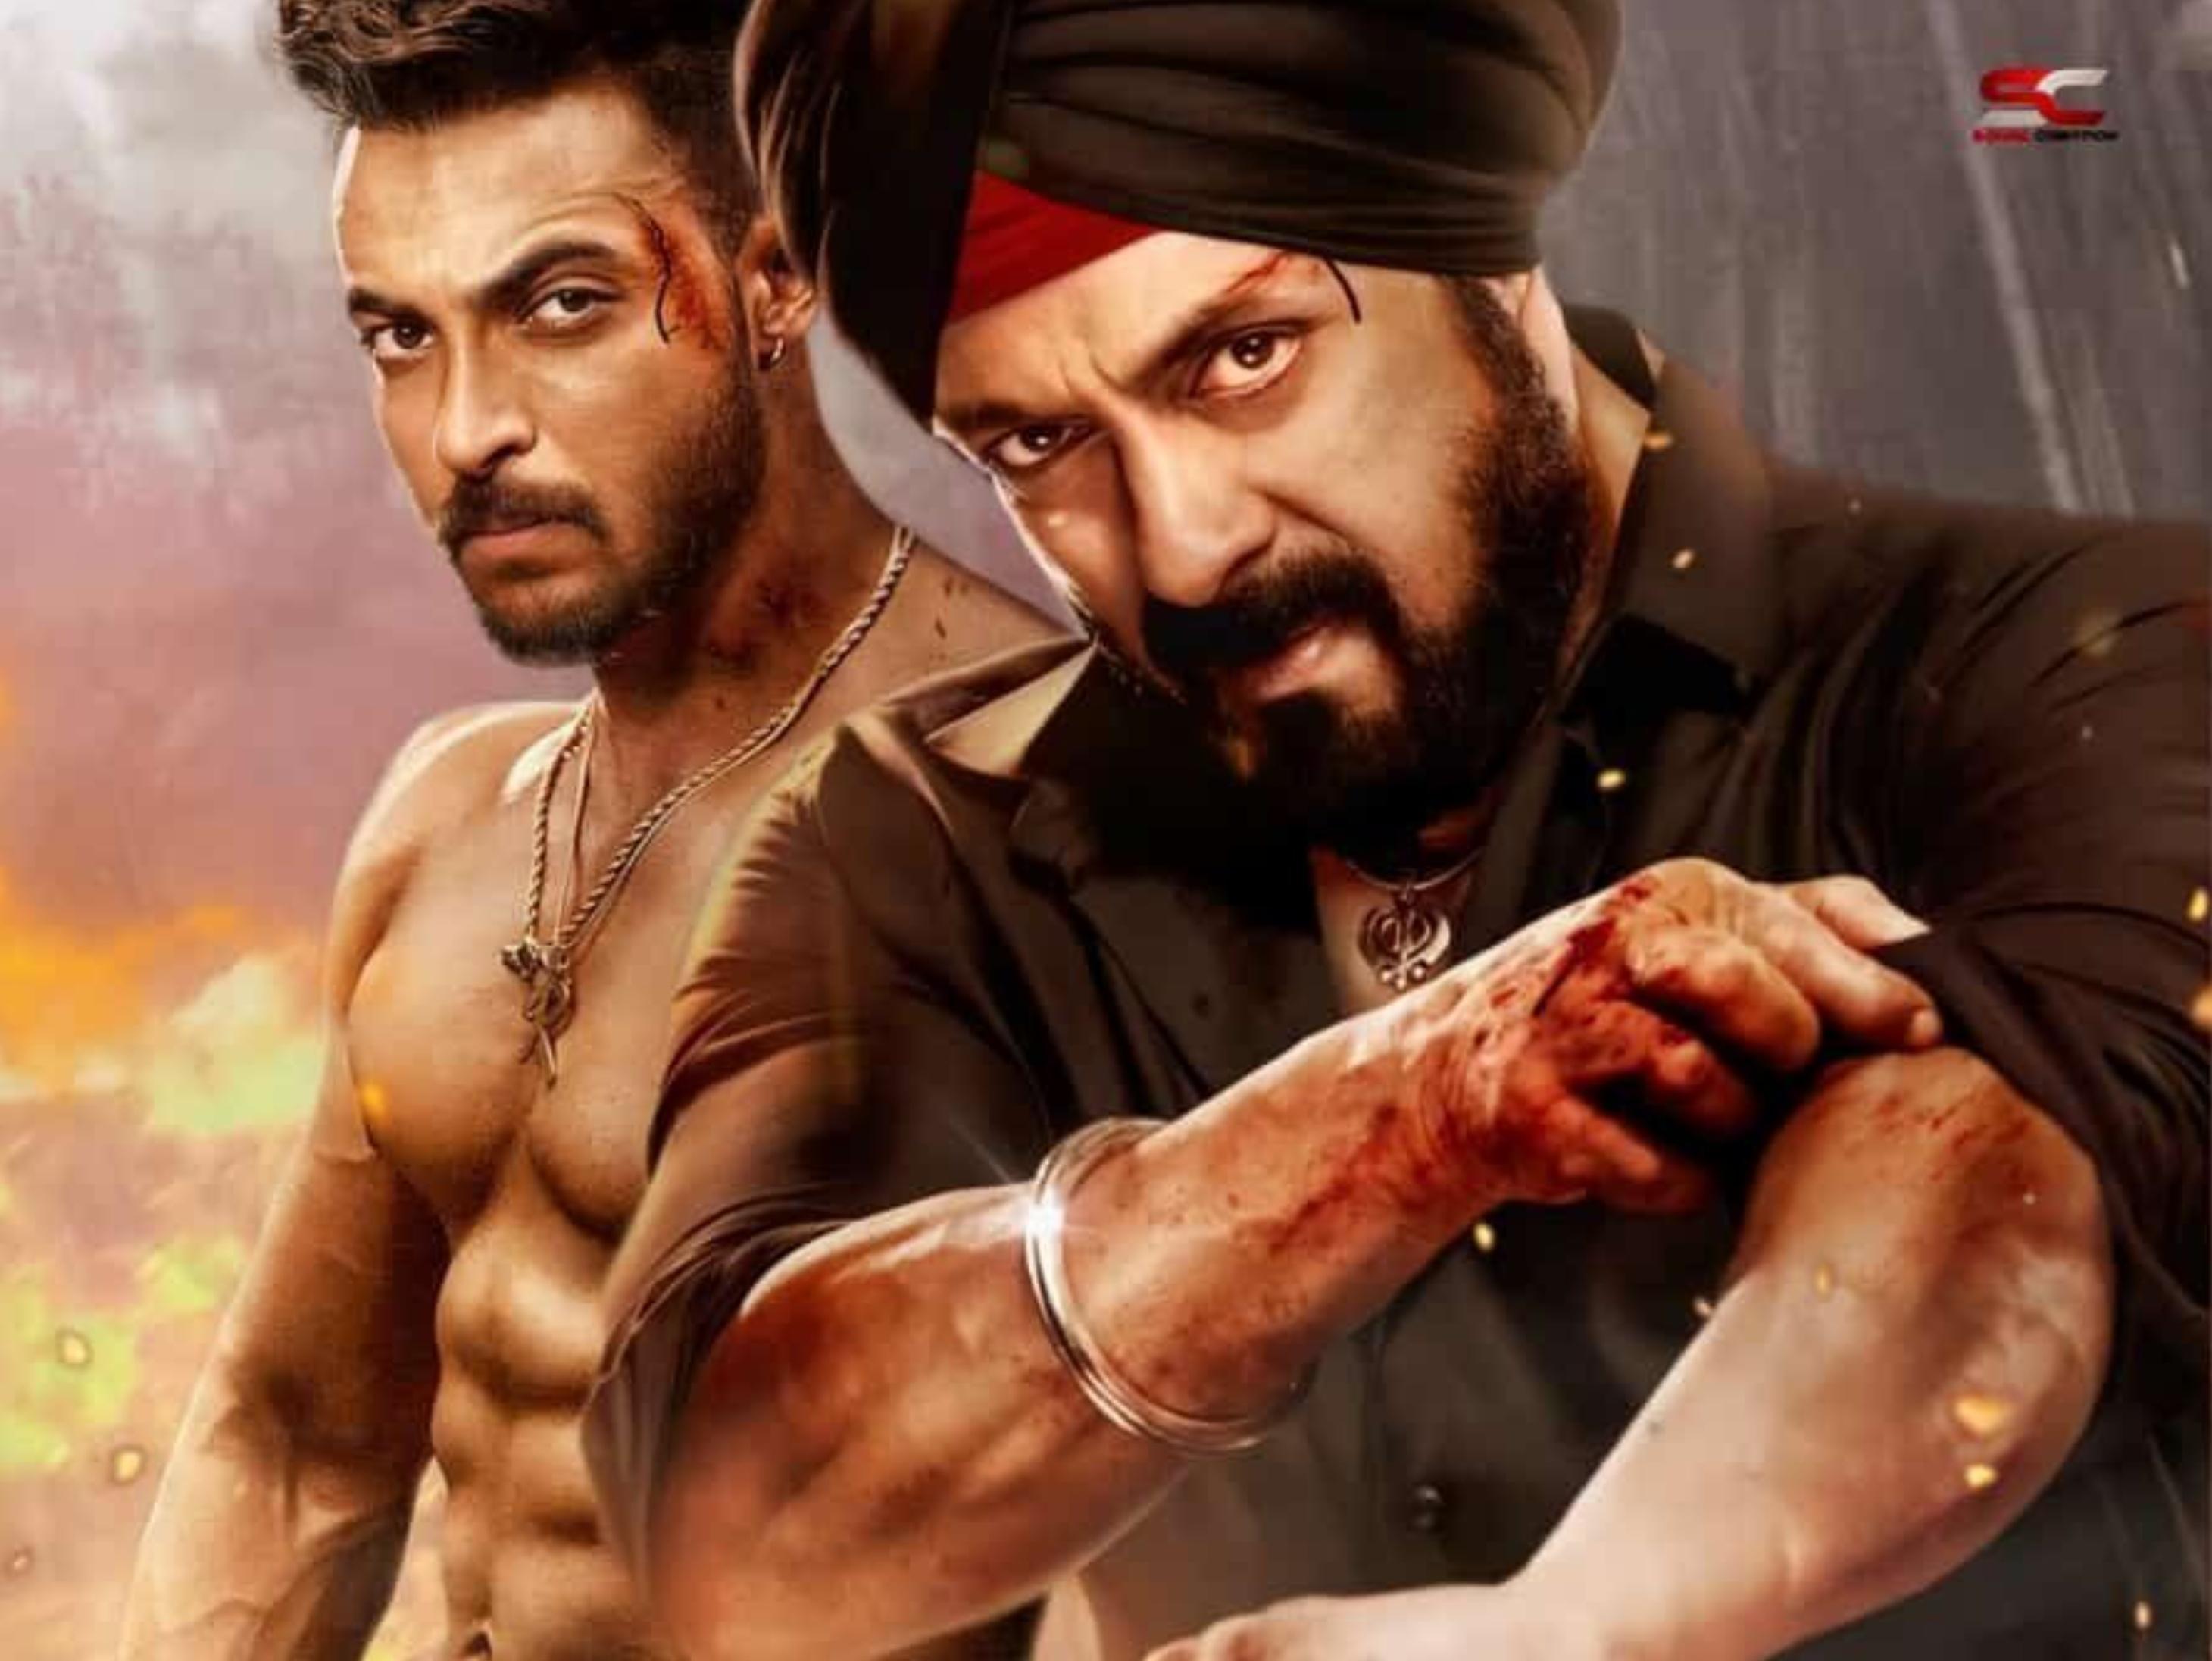 सलमान खान की दमदार फाइटिंग और आयुष शर्मा की भाईगिरी, कॉप ड्रामा में ट्विस्ट के साथ दिखेगी कहानी बॉलीवुड,Bollywood - Dainik Bhaskar